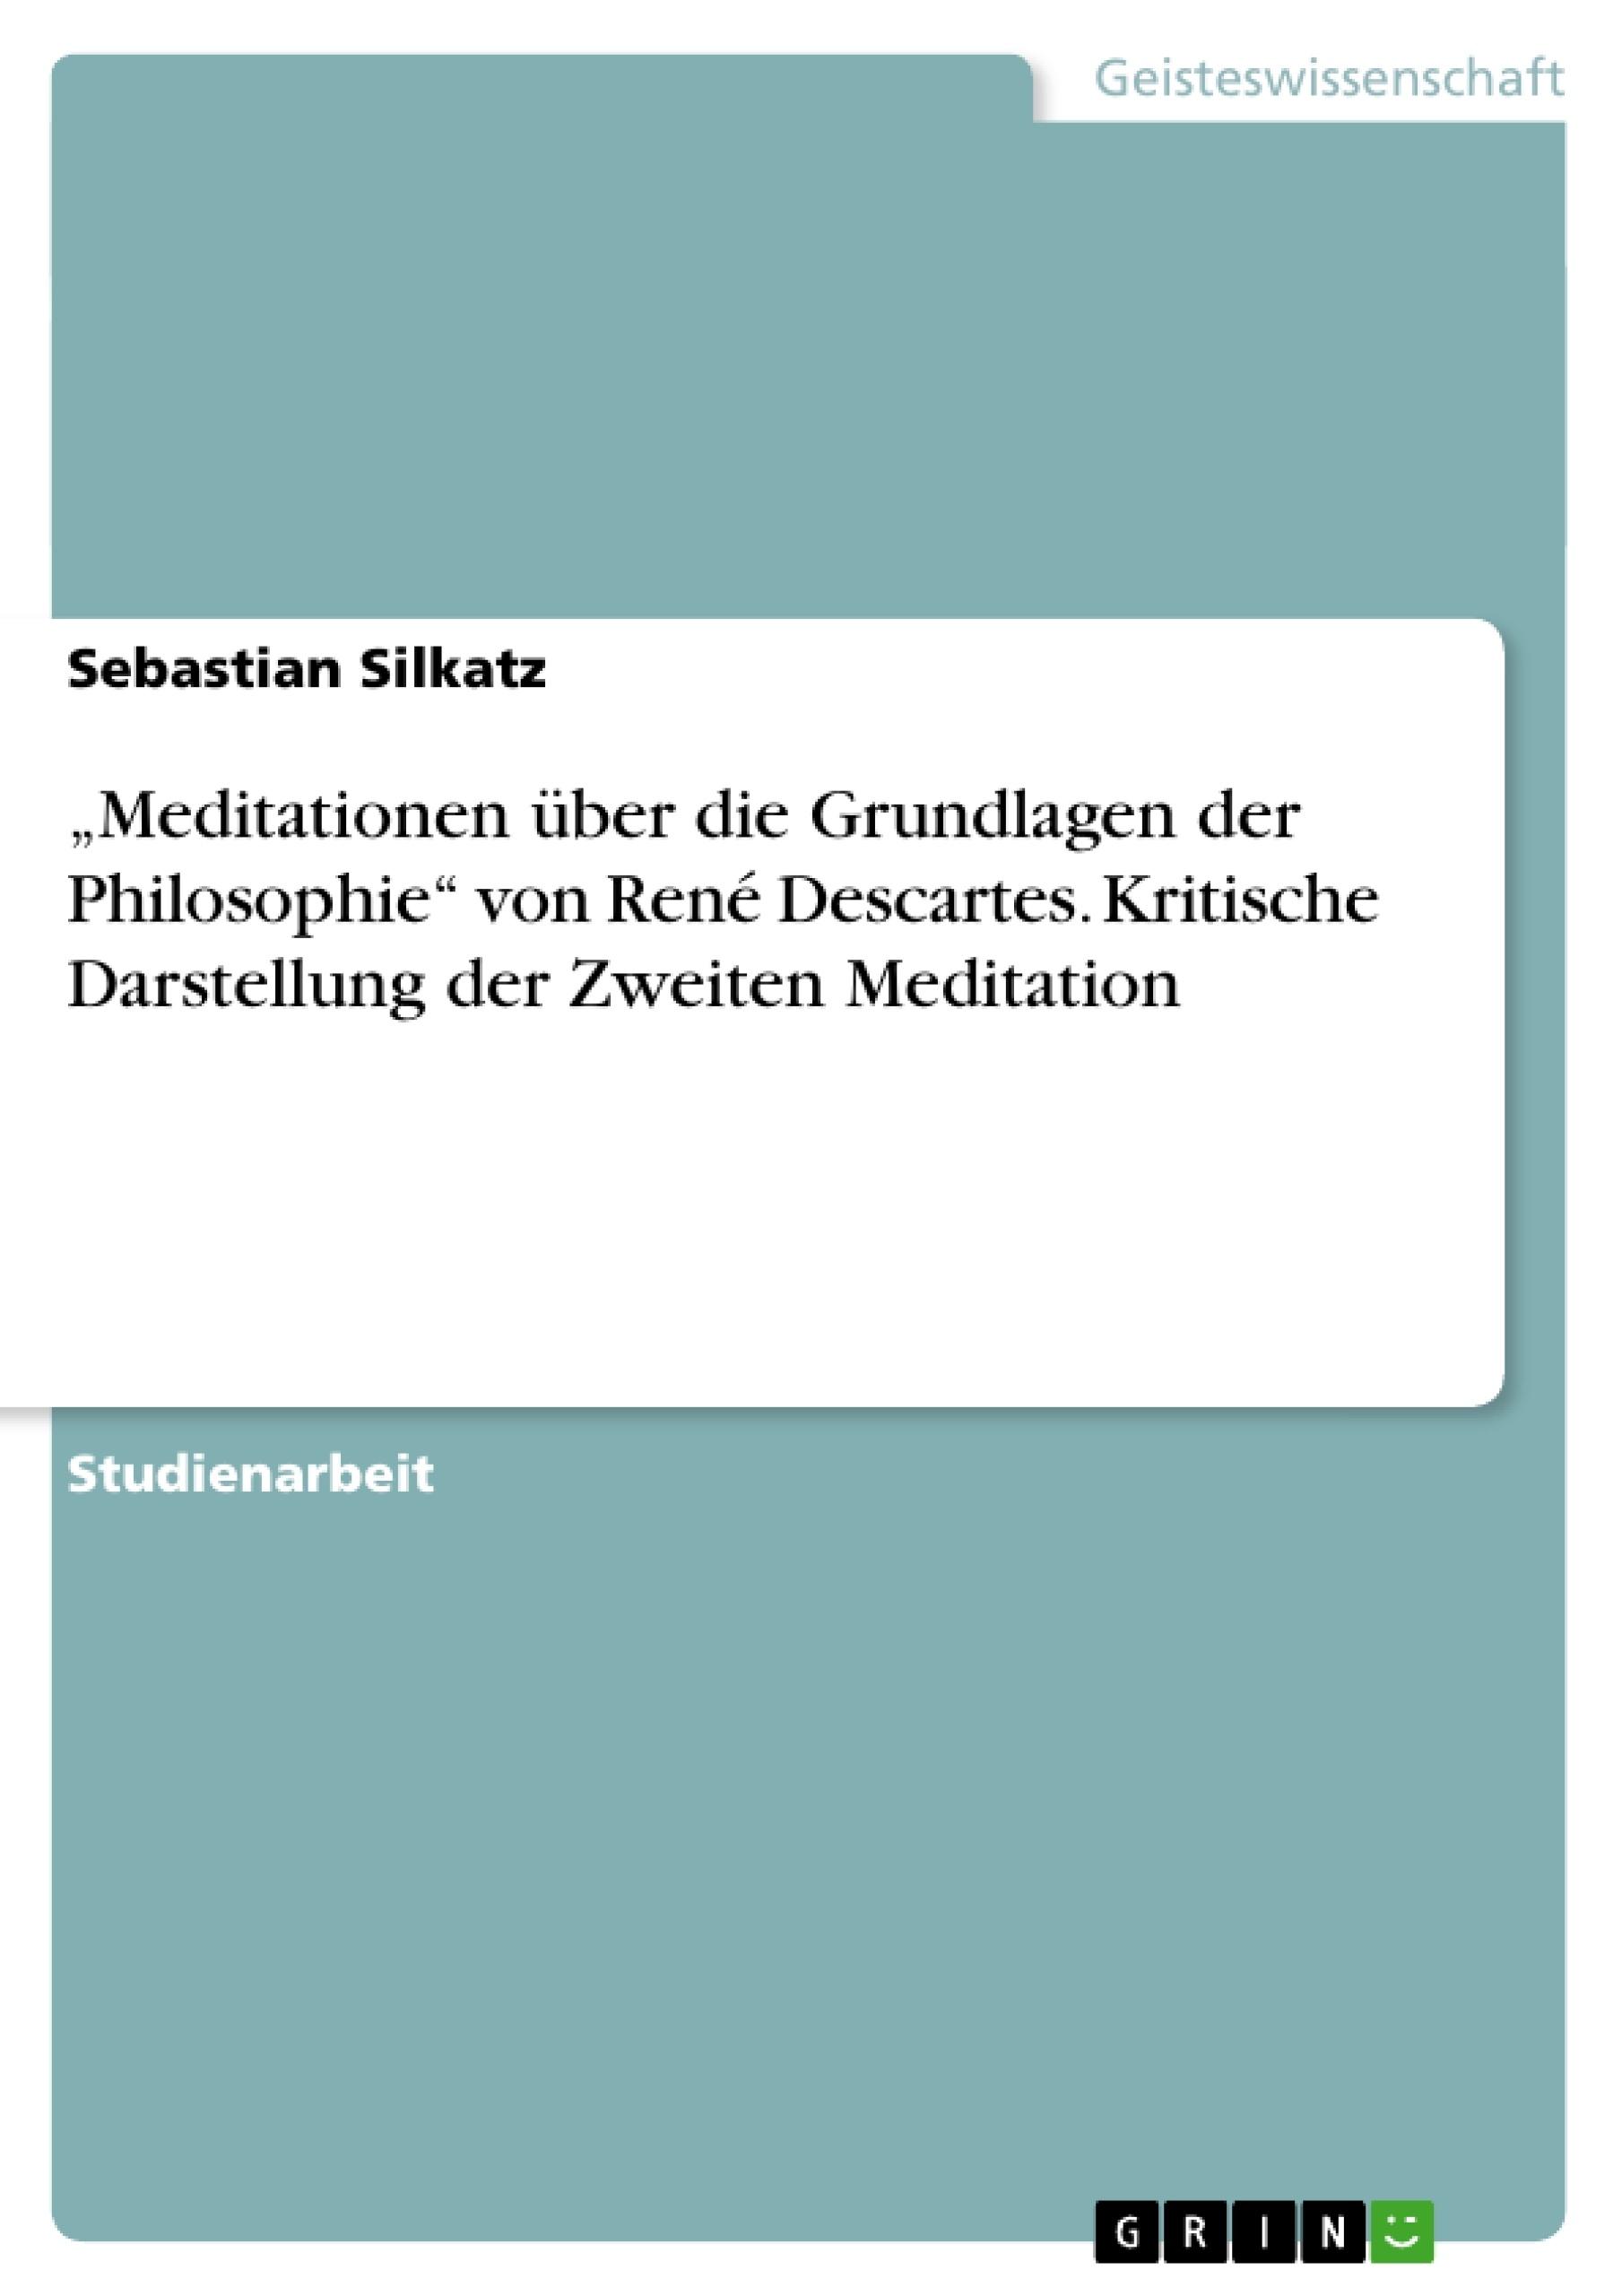 """Titel: """"Meditationen über die Grundlagen der Philosophie"""" von René Descartes. Kritische Darstellung der Zweiten Meditation"""